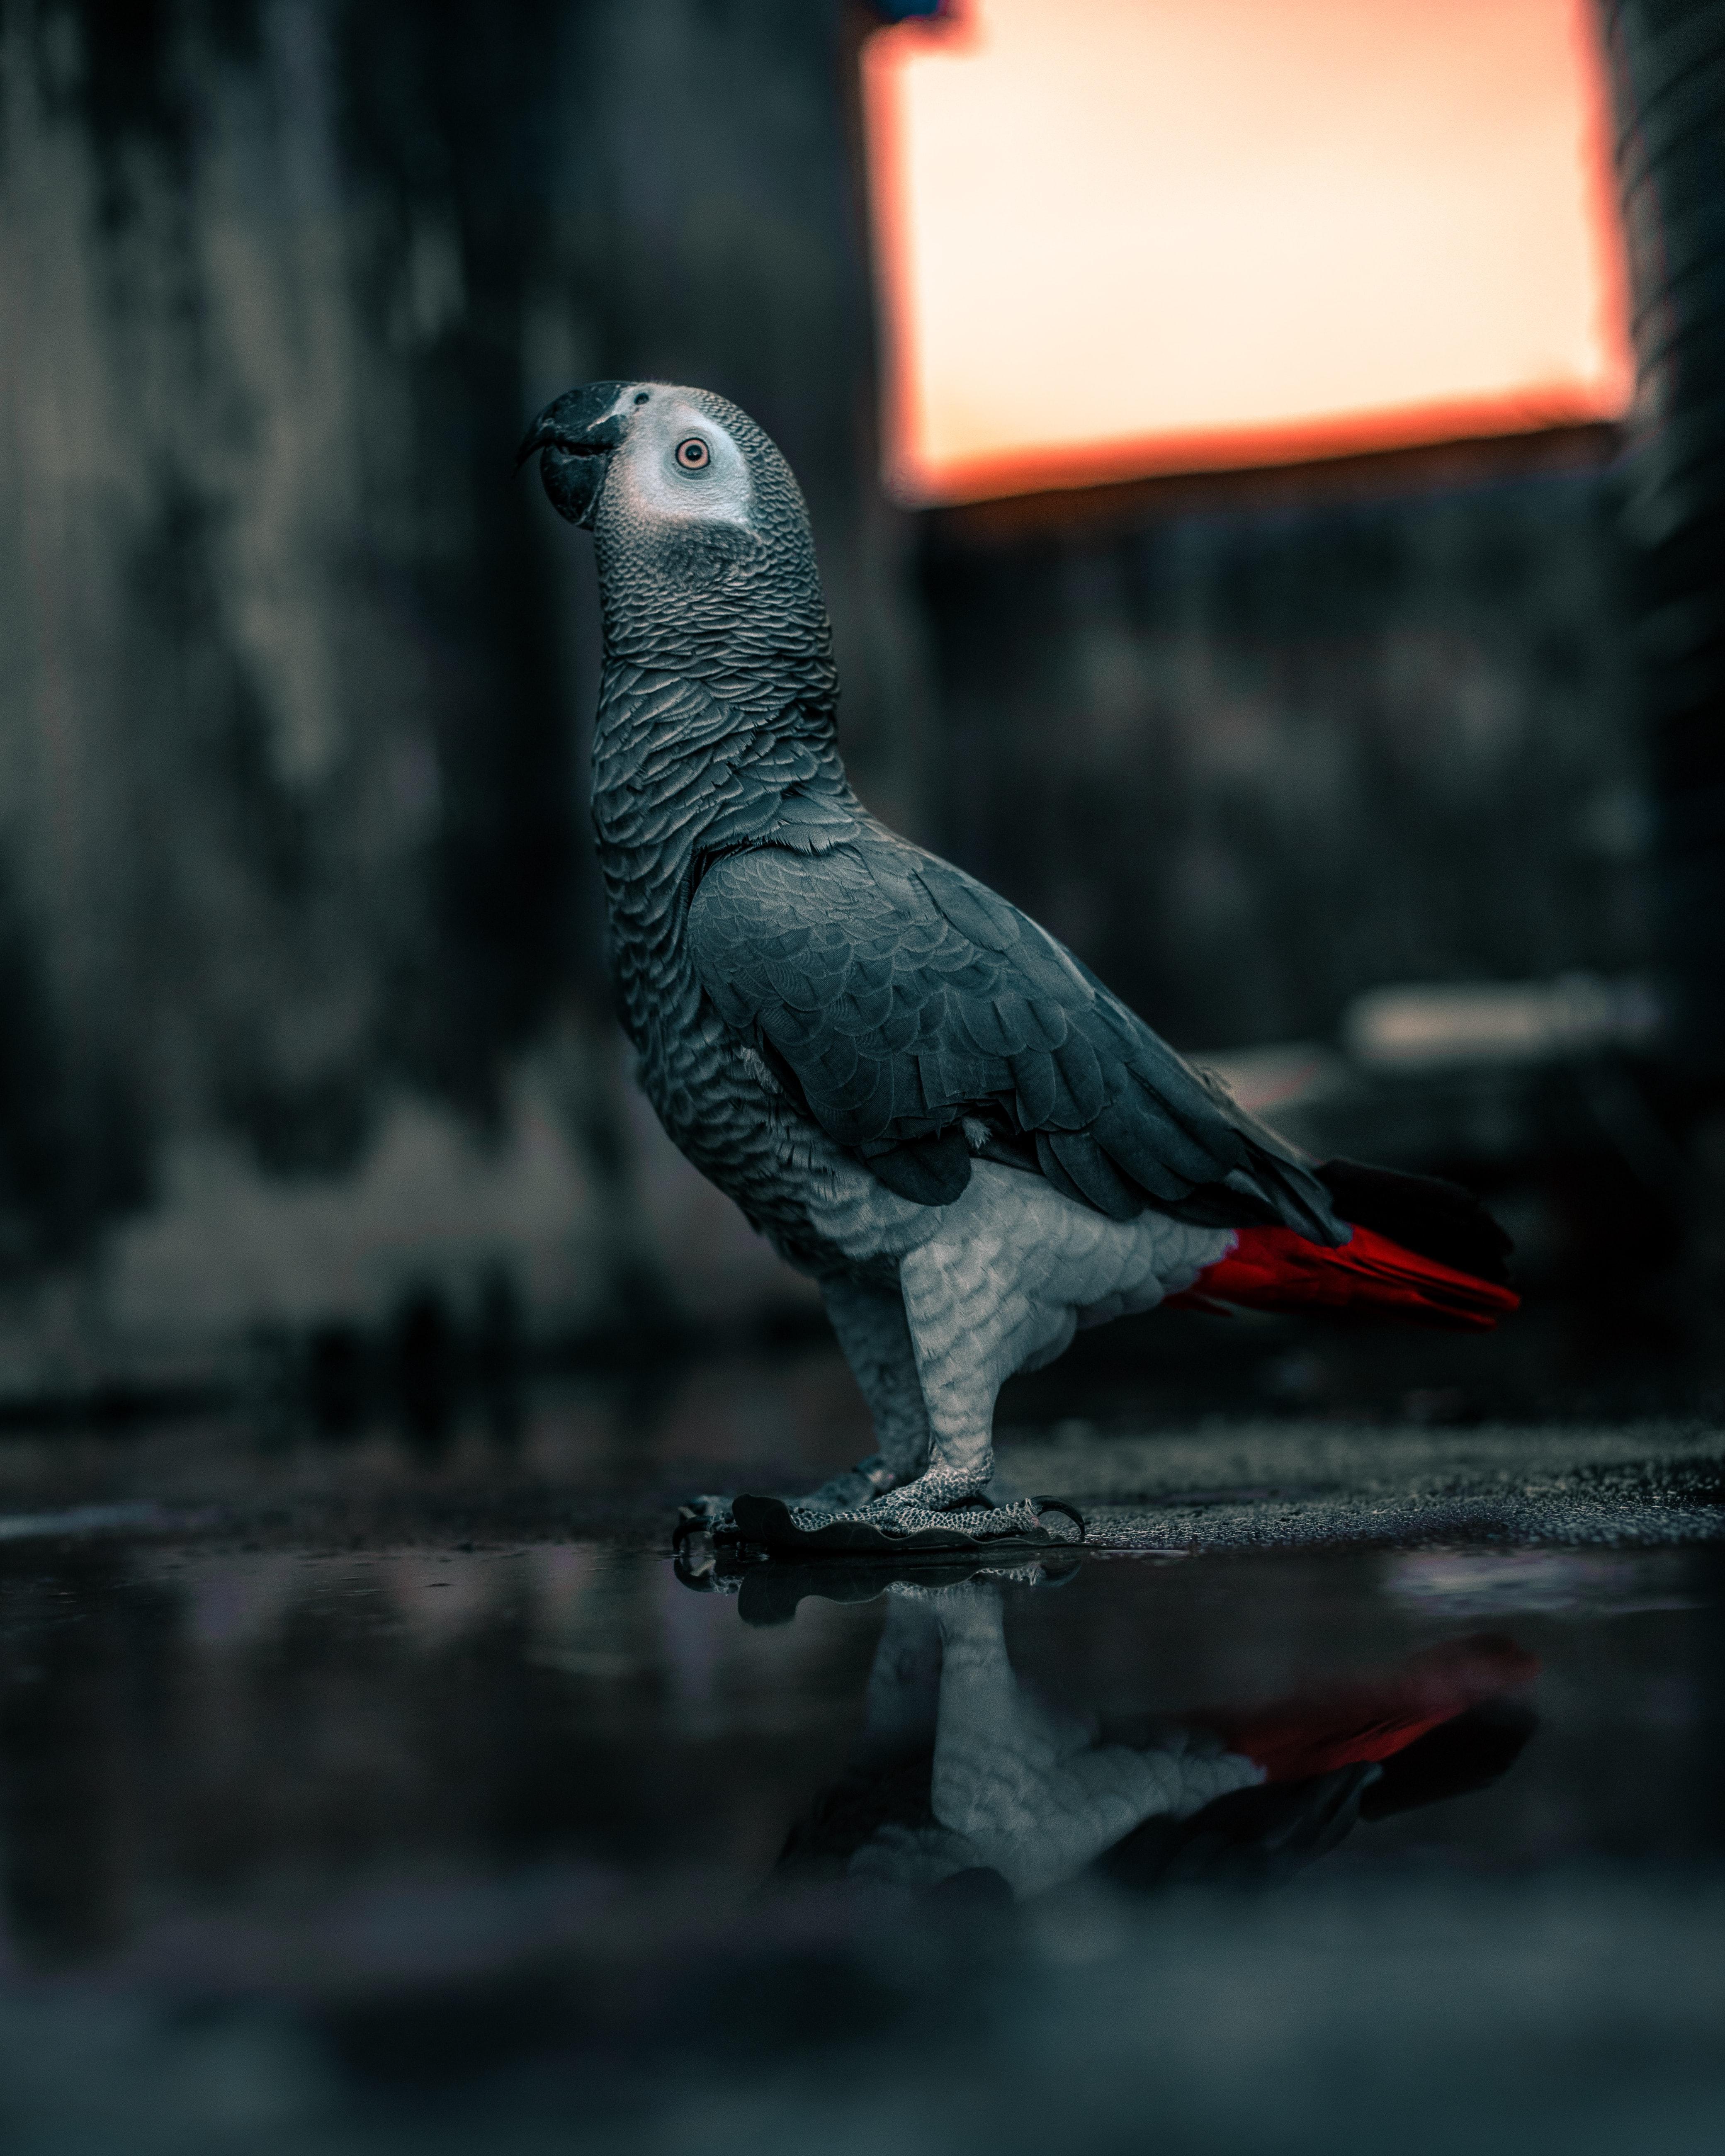 50479 Заставки и Обои Попугаи на телефон. Скачать Попугаи, Животные, Птица, Серый, Неон картинки бесплатно